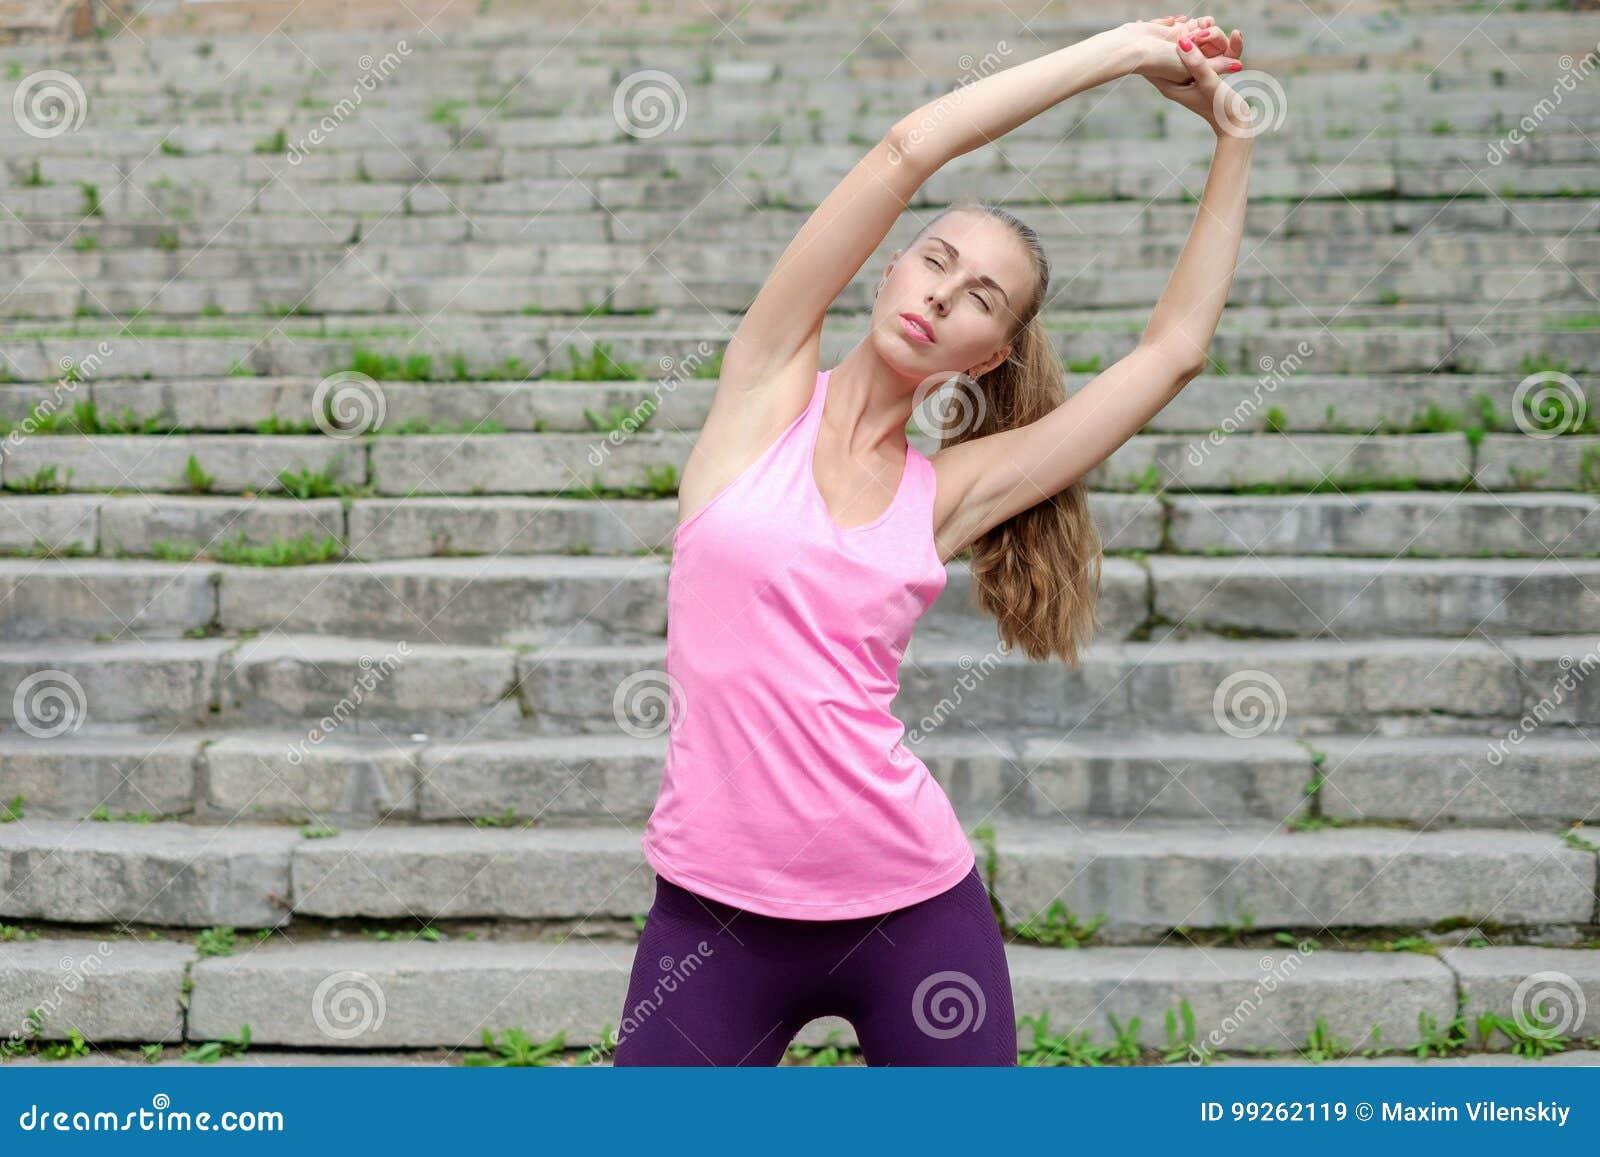 Porträt der jungen sportlichen Frau im Sportkleid tut das Ausdehnen Übungen von den im Freien